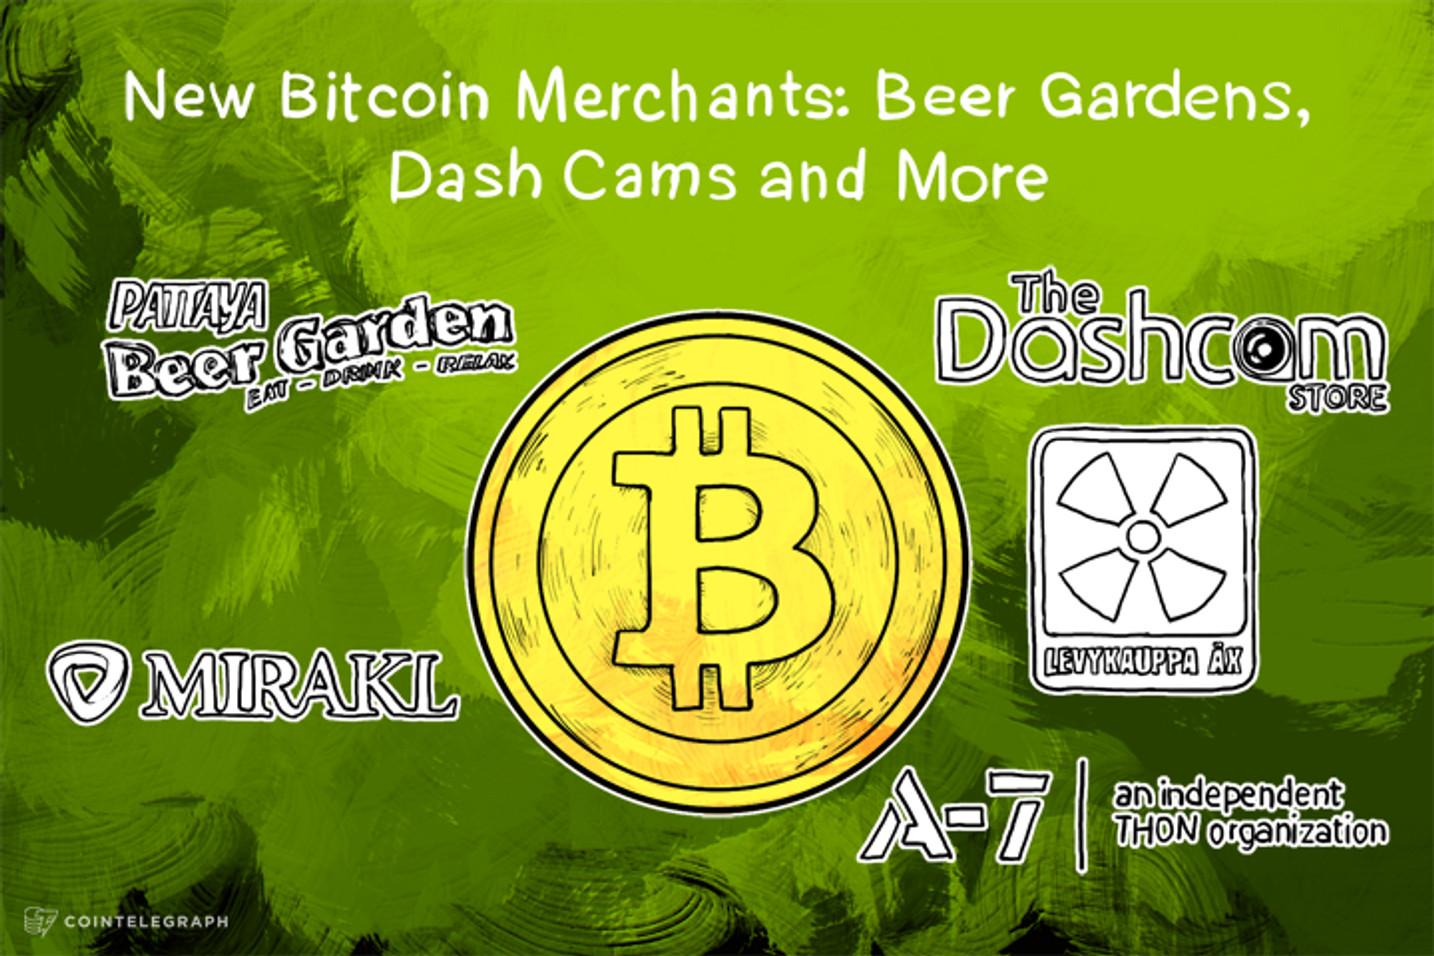 New Bitcoin Merchants: Beer Gardens, Dash Cams and More